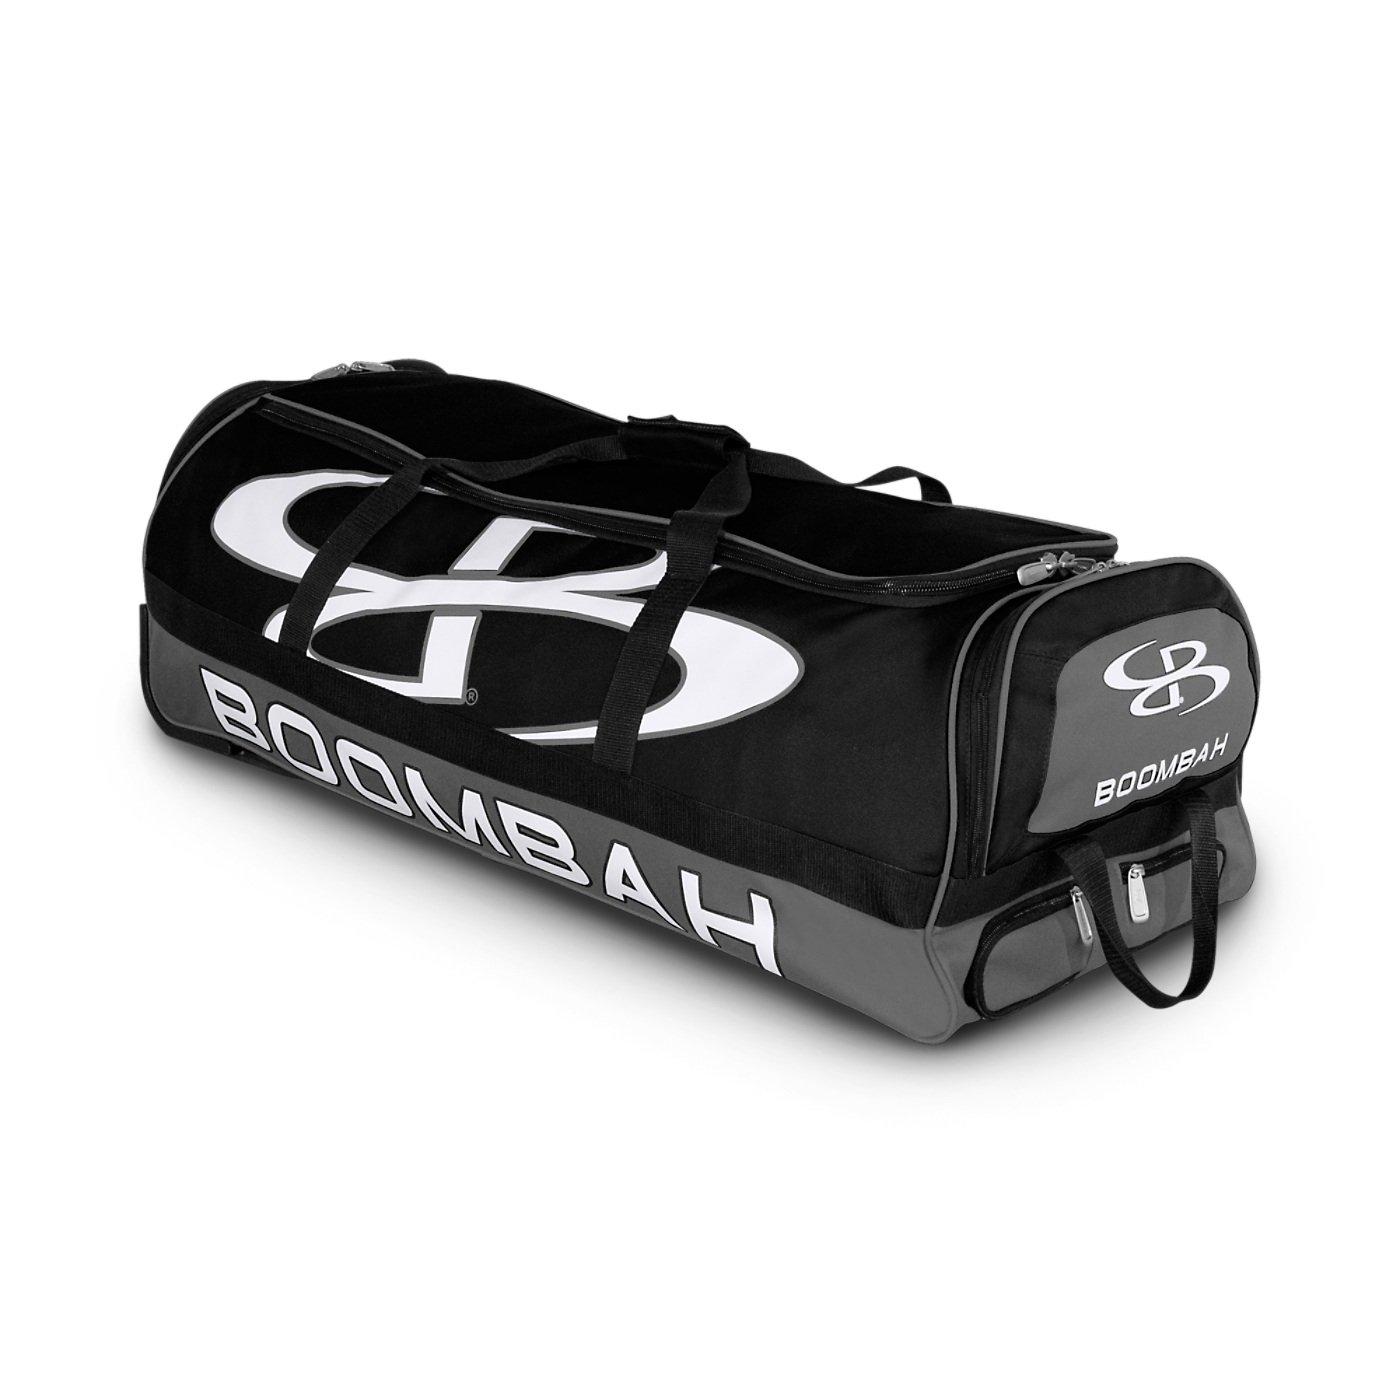 (ブームバー) Boombah Bruteシリーズ キャスター付きバットケース 野球ソフトボール用 35×15×12–1/2インチ 49色展開 4本のバットと用具を収納可能 B01MYTEEGN ブラック/グレー ブラック/グレー